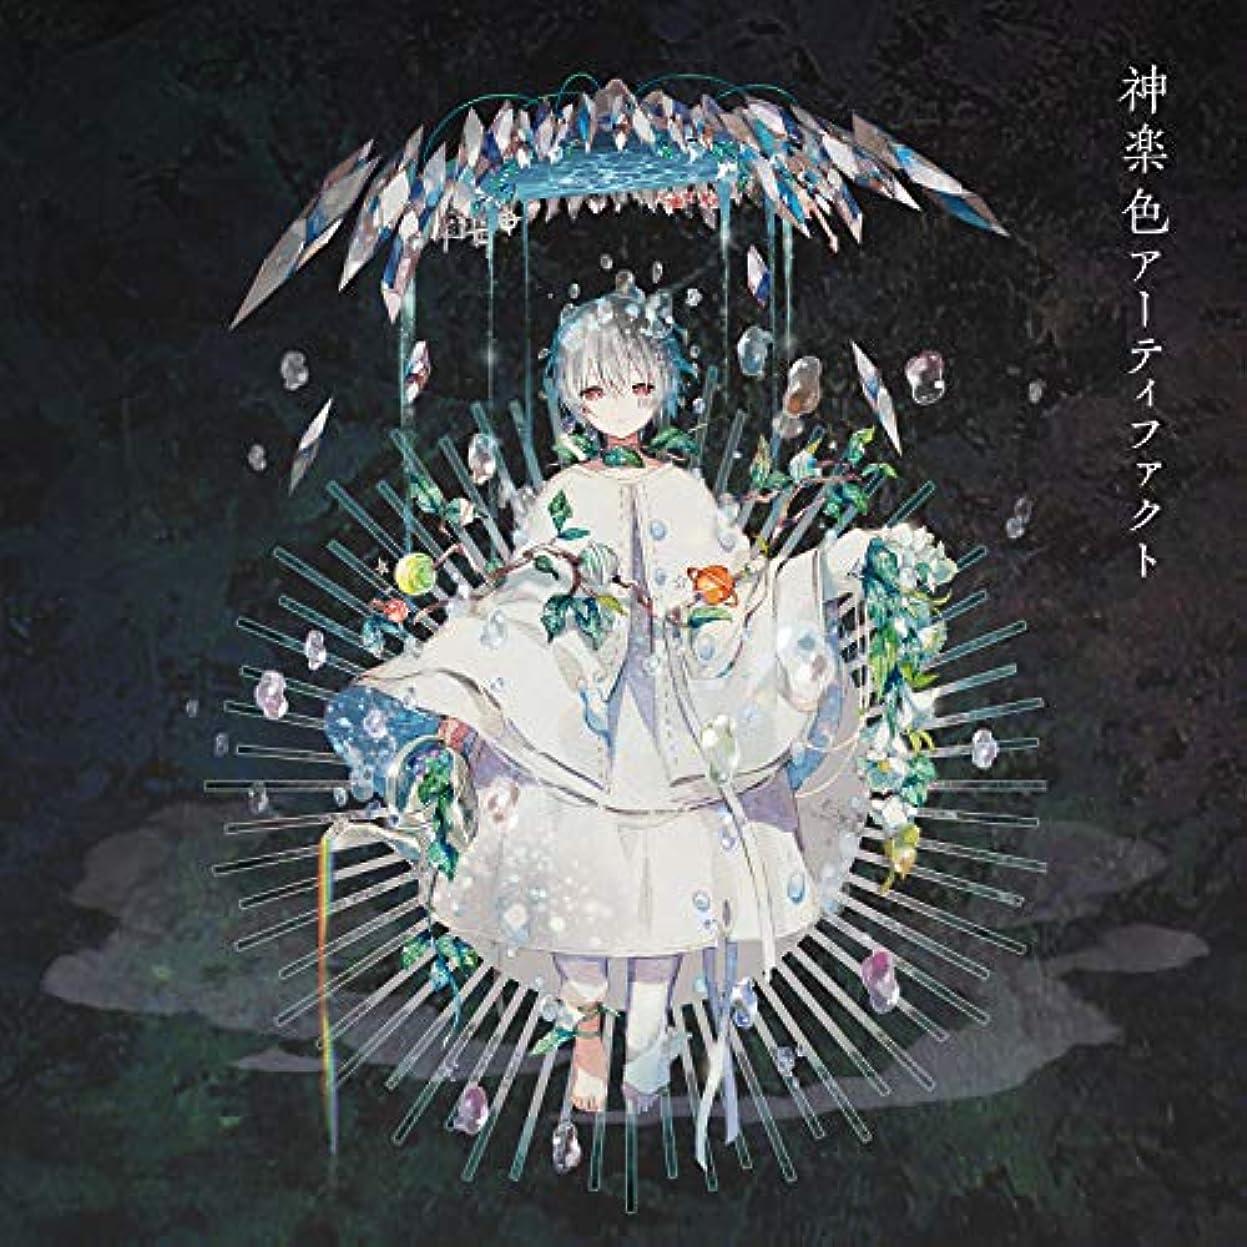 狂気検索ルーフ神楽色アーティファクト(初回生産限定盤A)(CD+DVD)